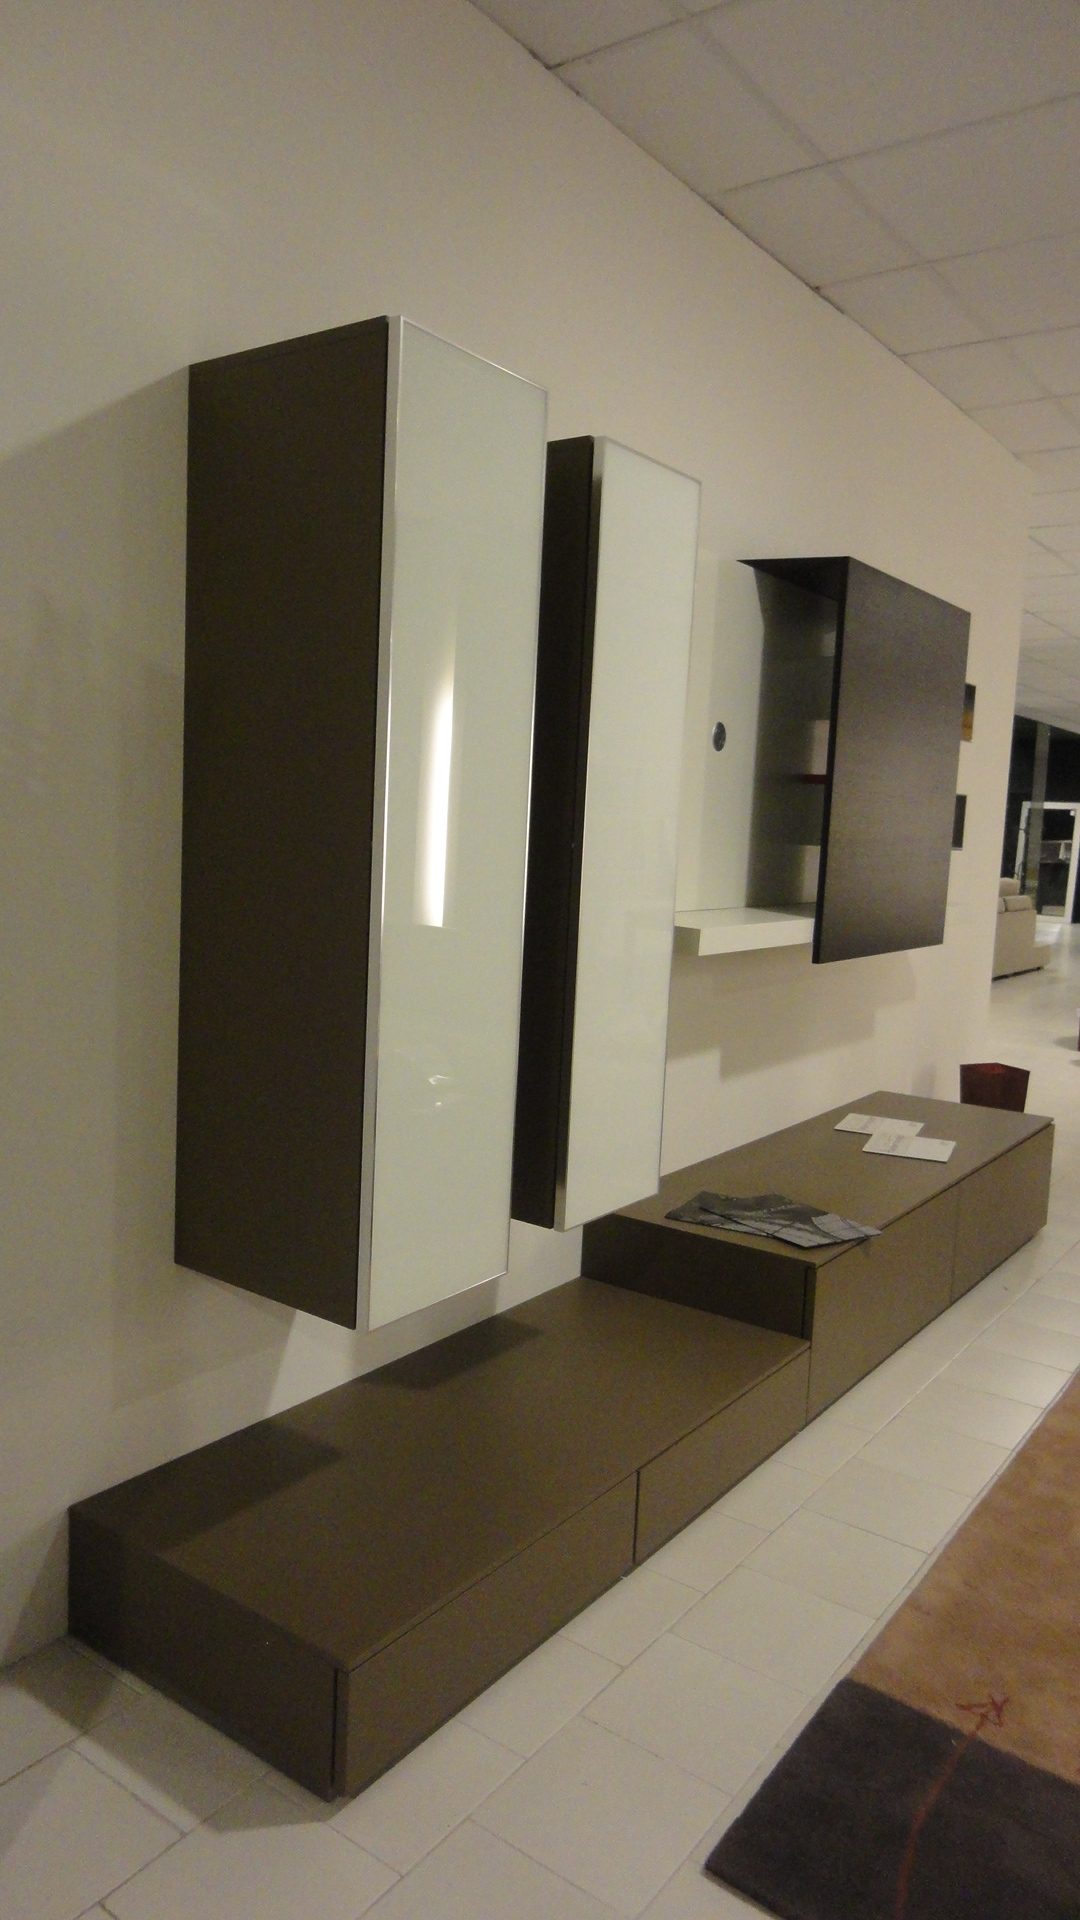 ... TV Pianca Spazio box scontato del -50 % - Soggiorni a prezzi scontati